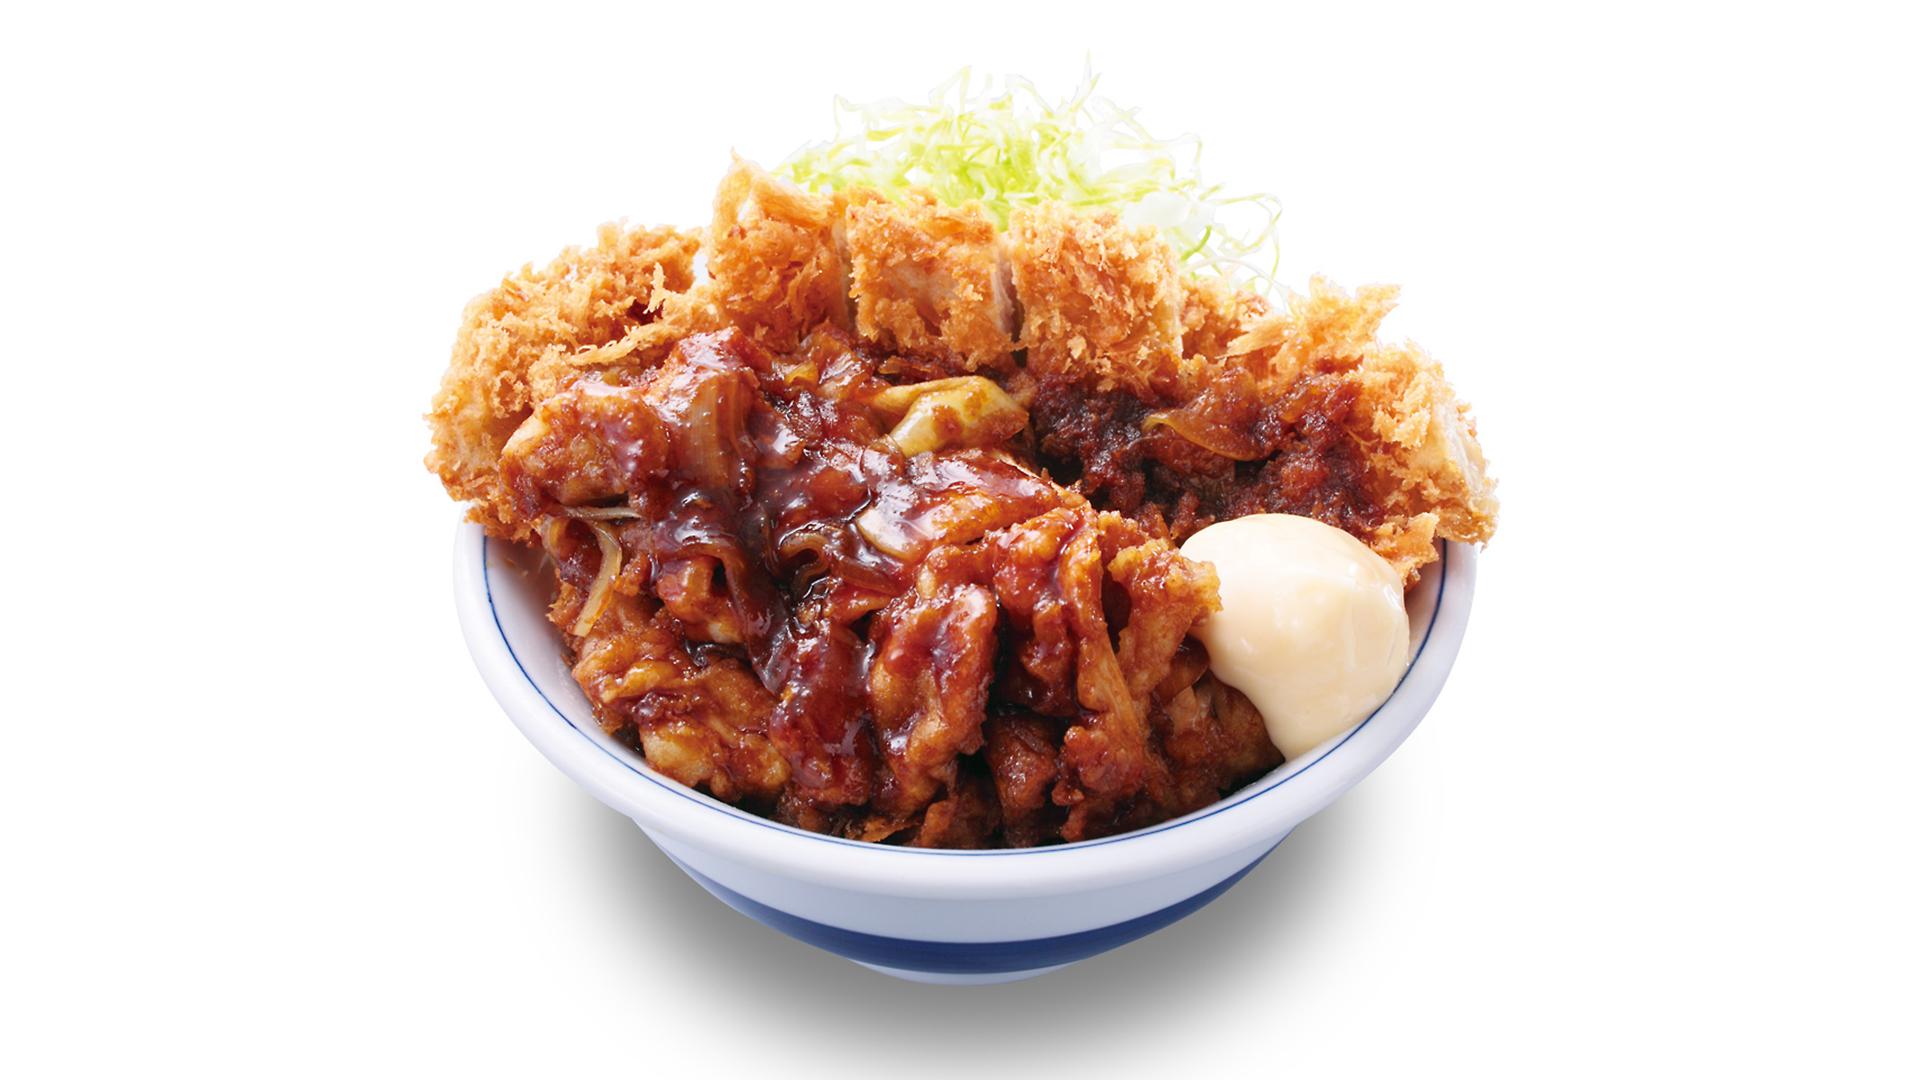 【生姜からあげが「タレ」の チキンカツ丼発売】他、新着トレンド8月19日